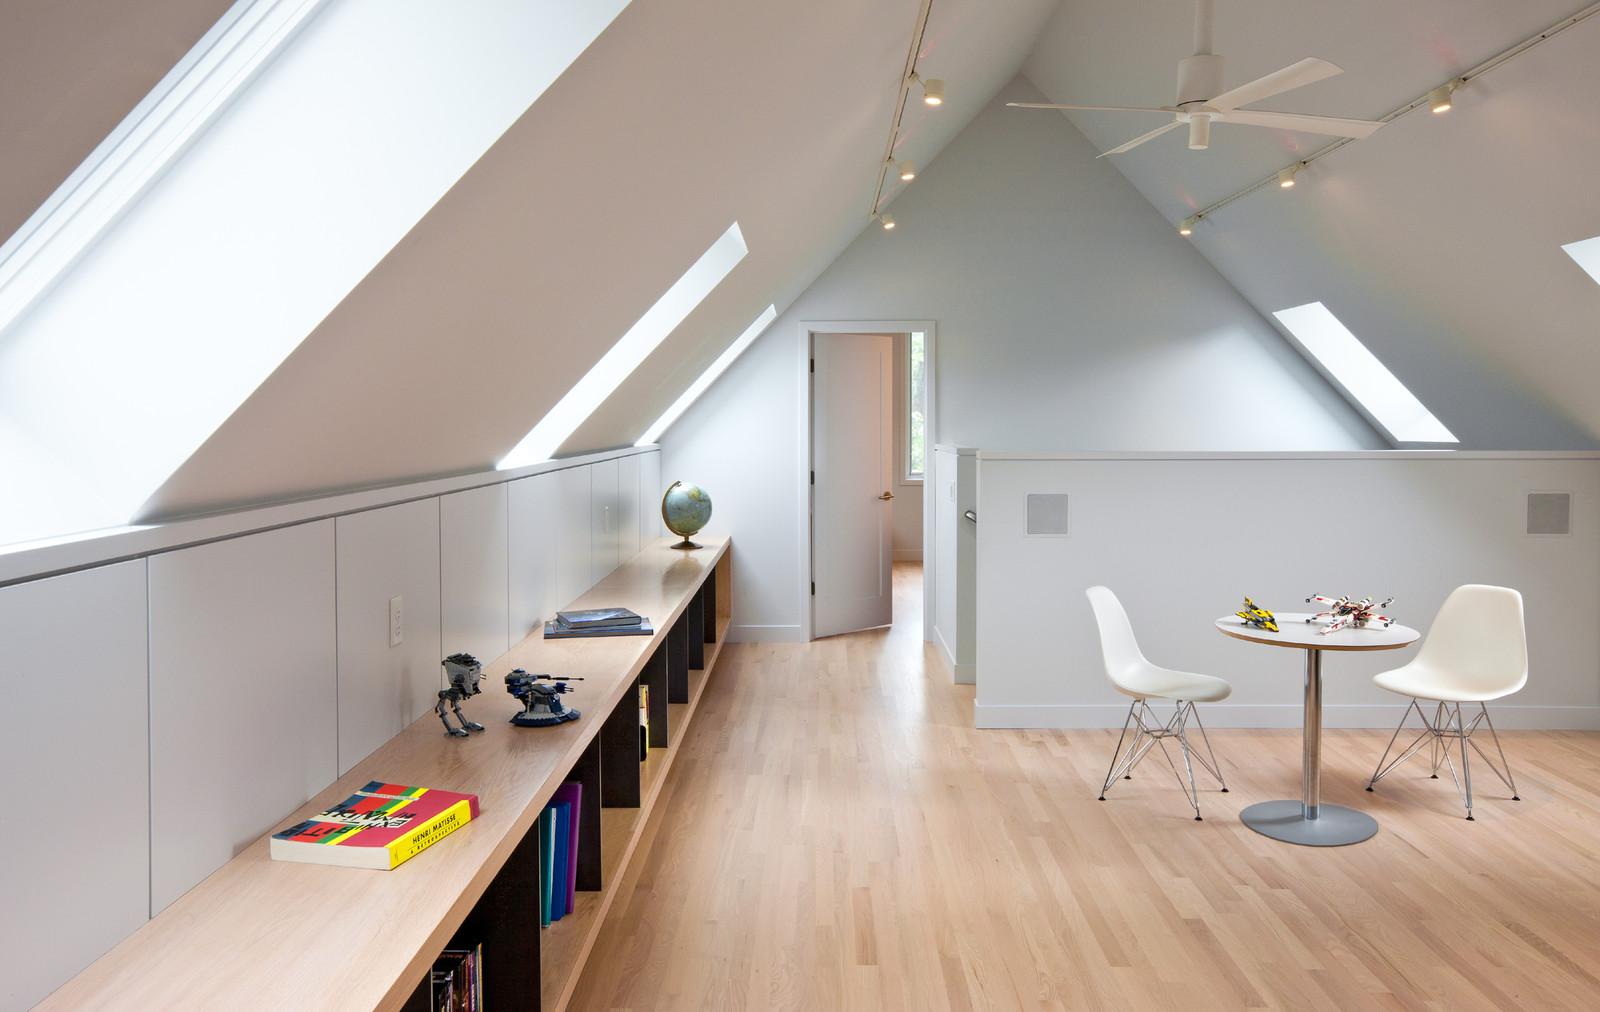 Illuminazione di un sottotetto home design e ispirazione - Illuminazione sottotetto legno ...